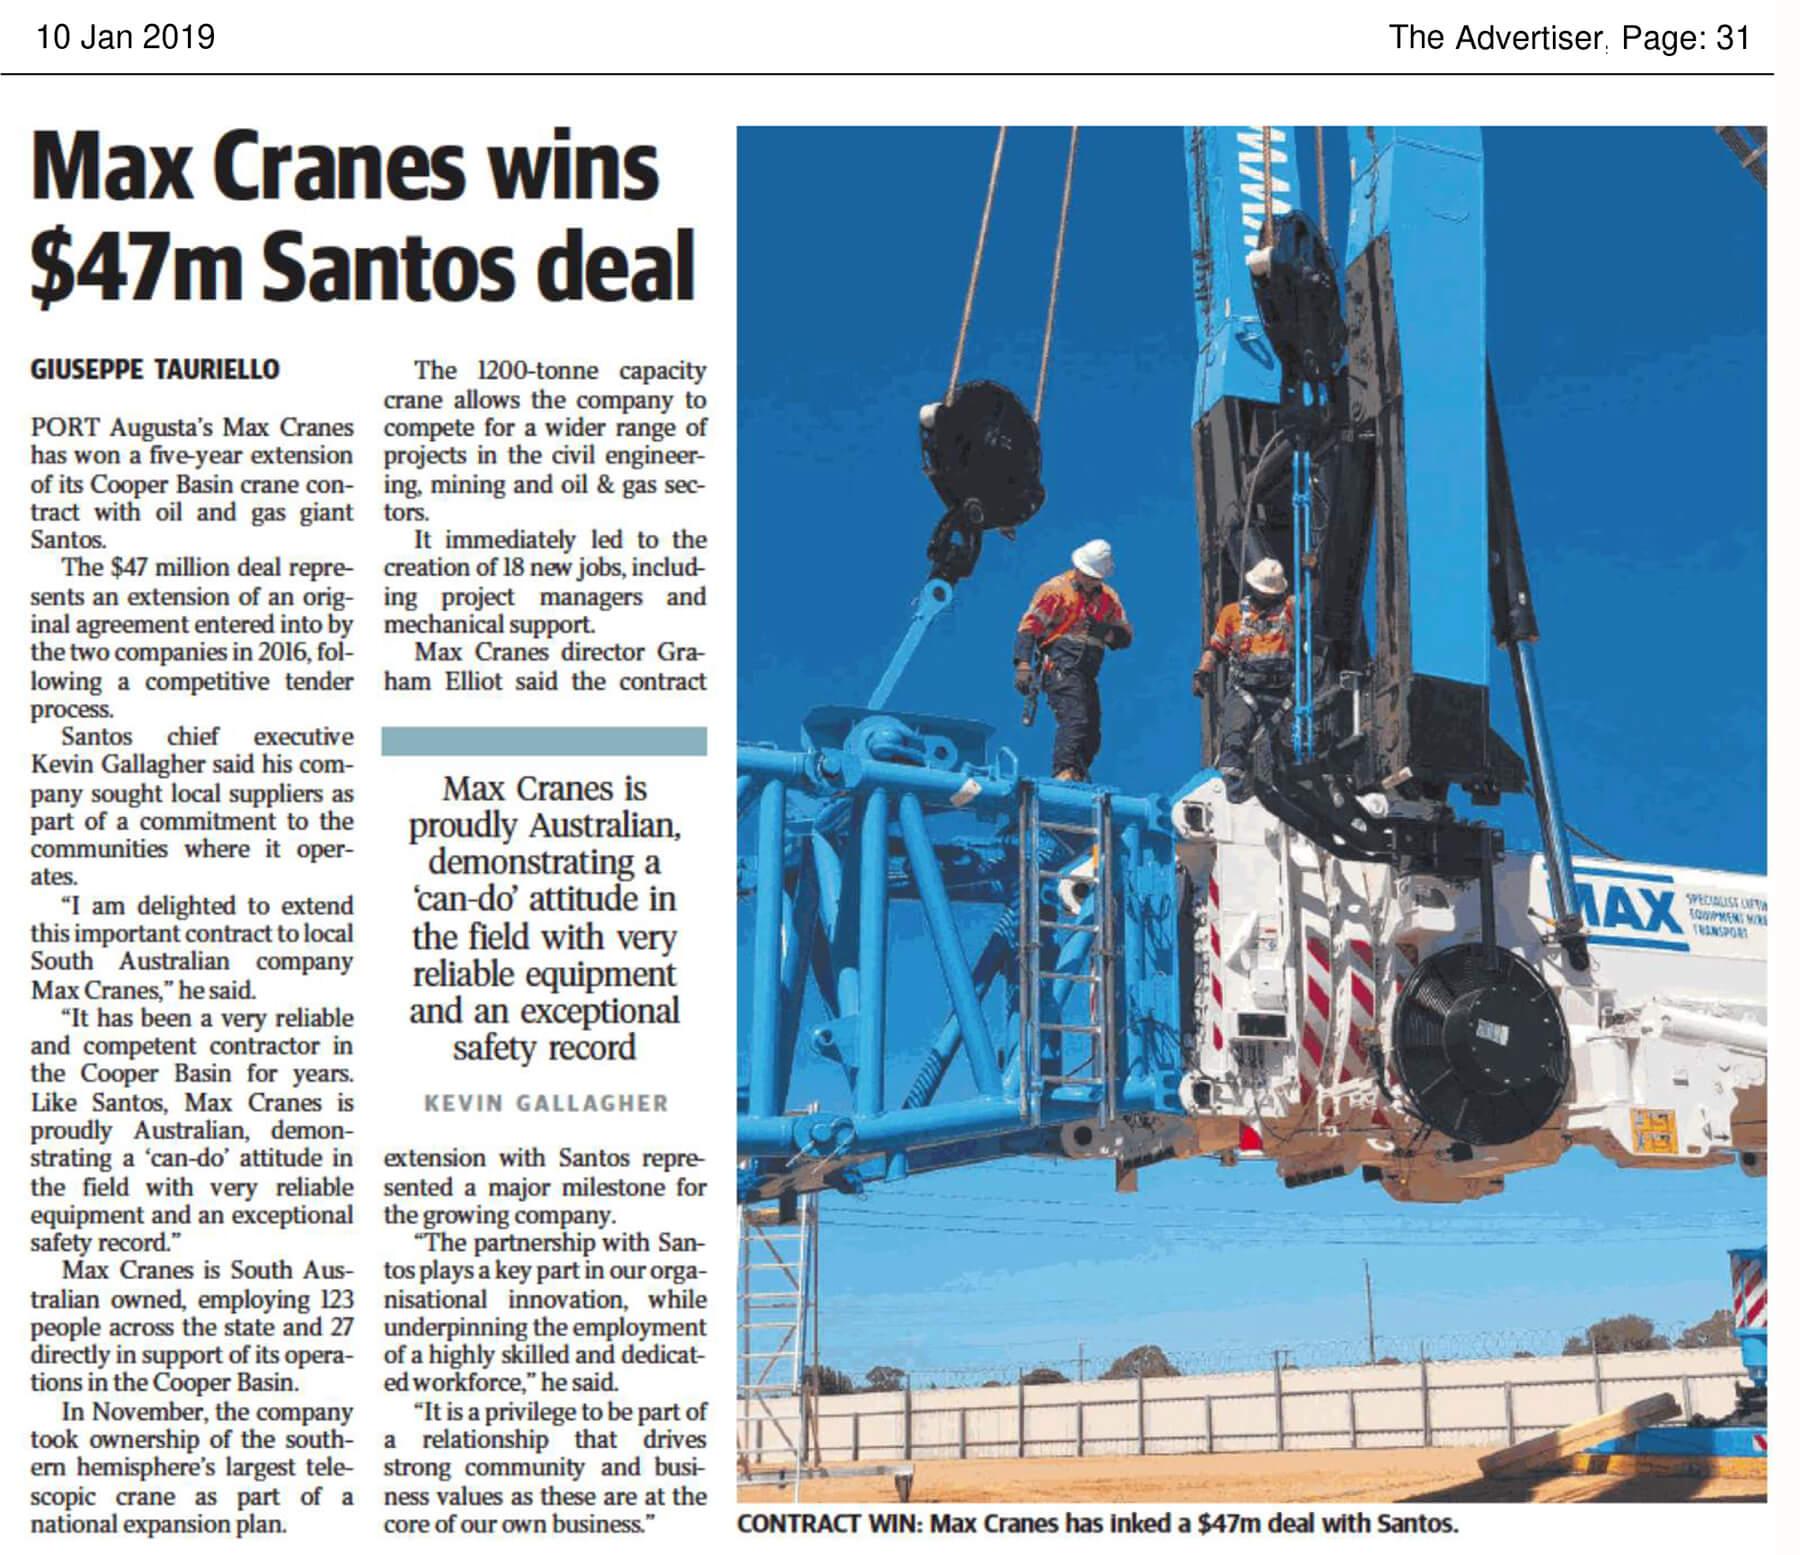 MAX Cranes wins $47m Santos Deal